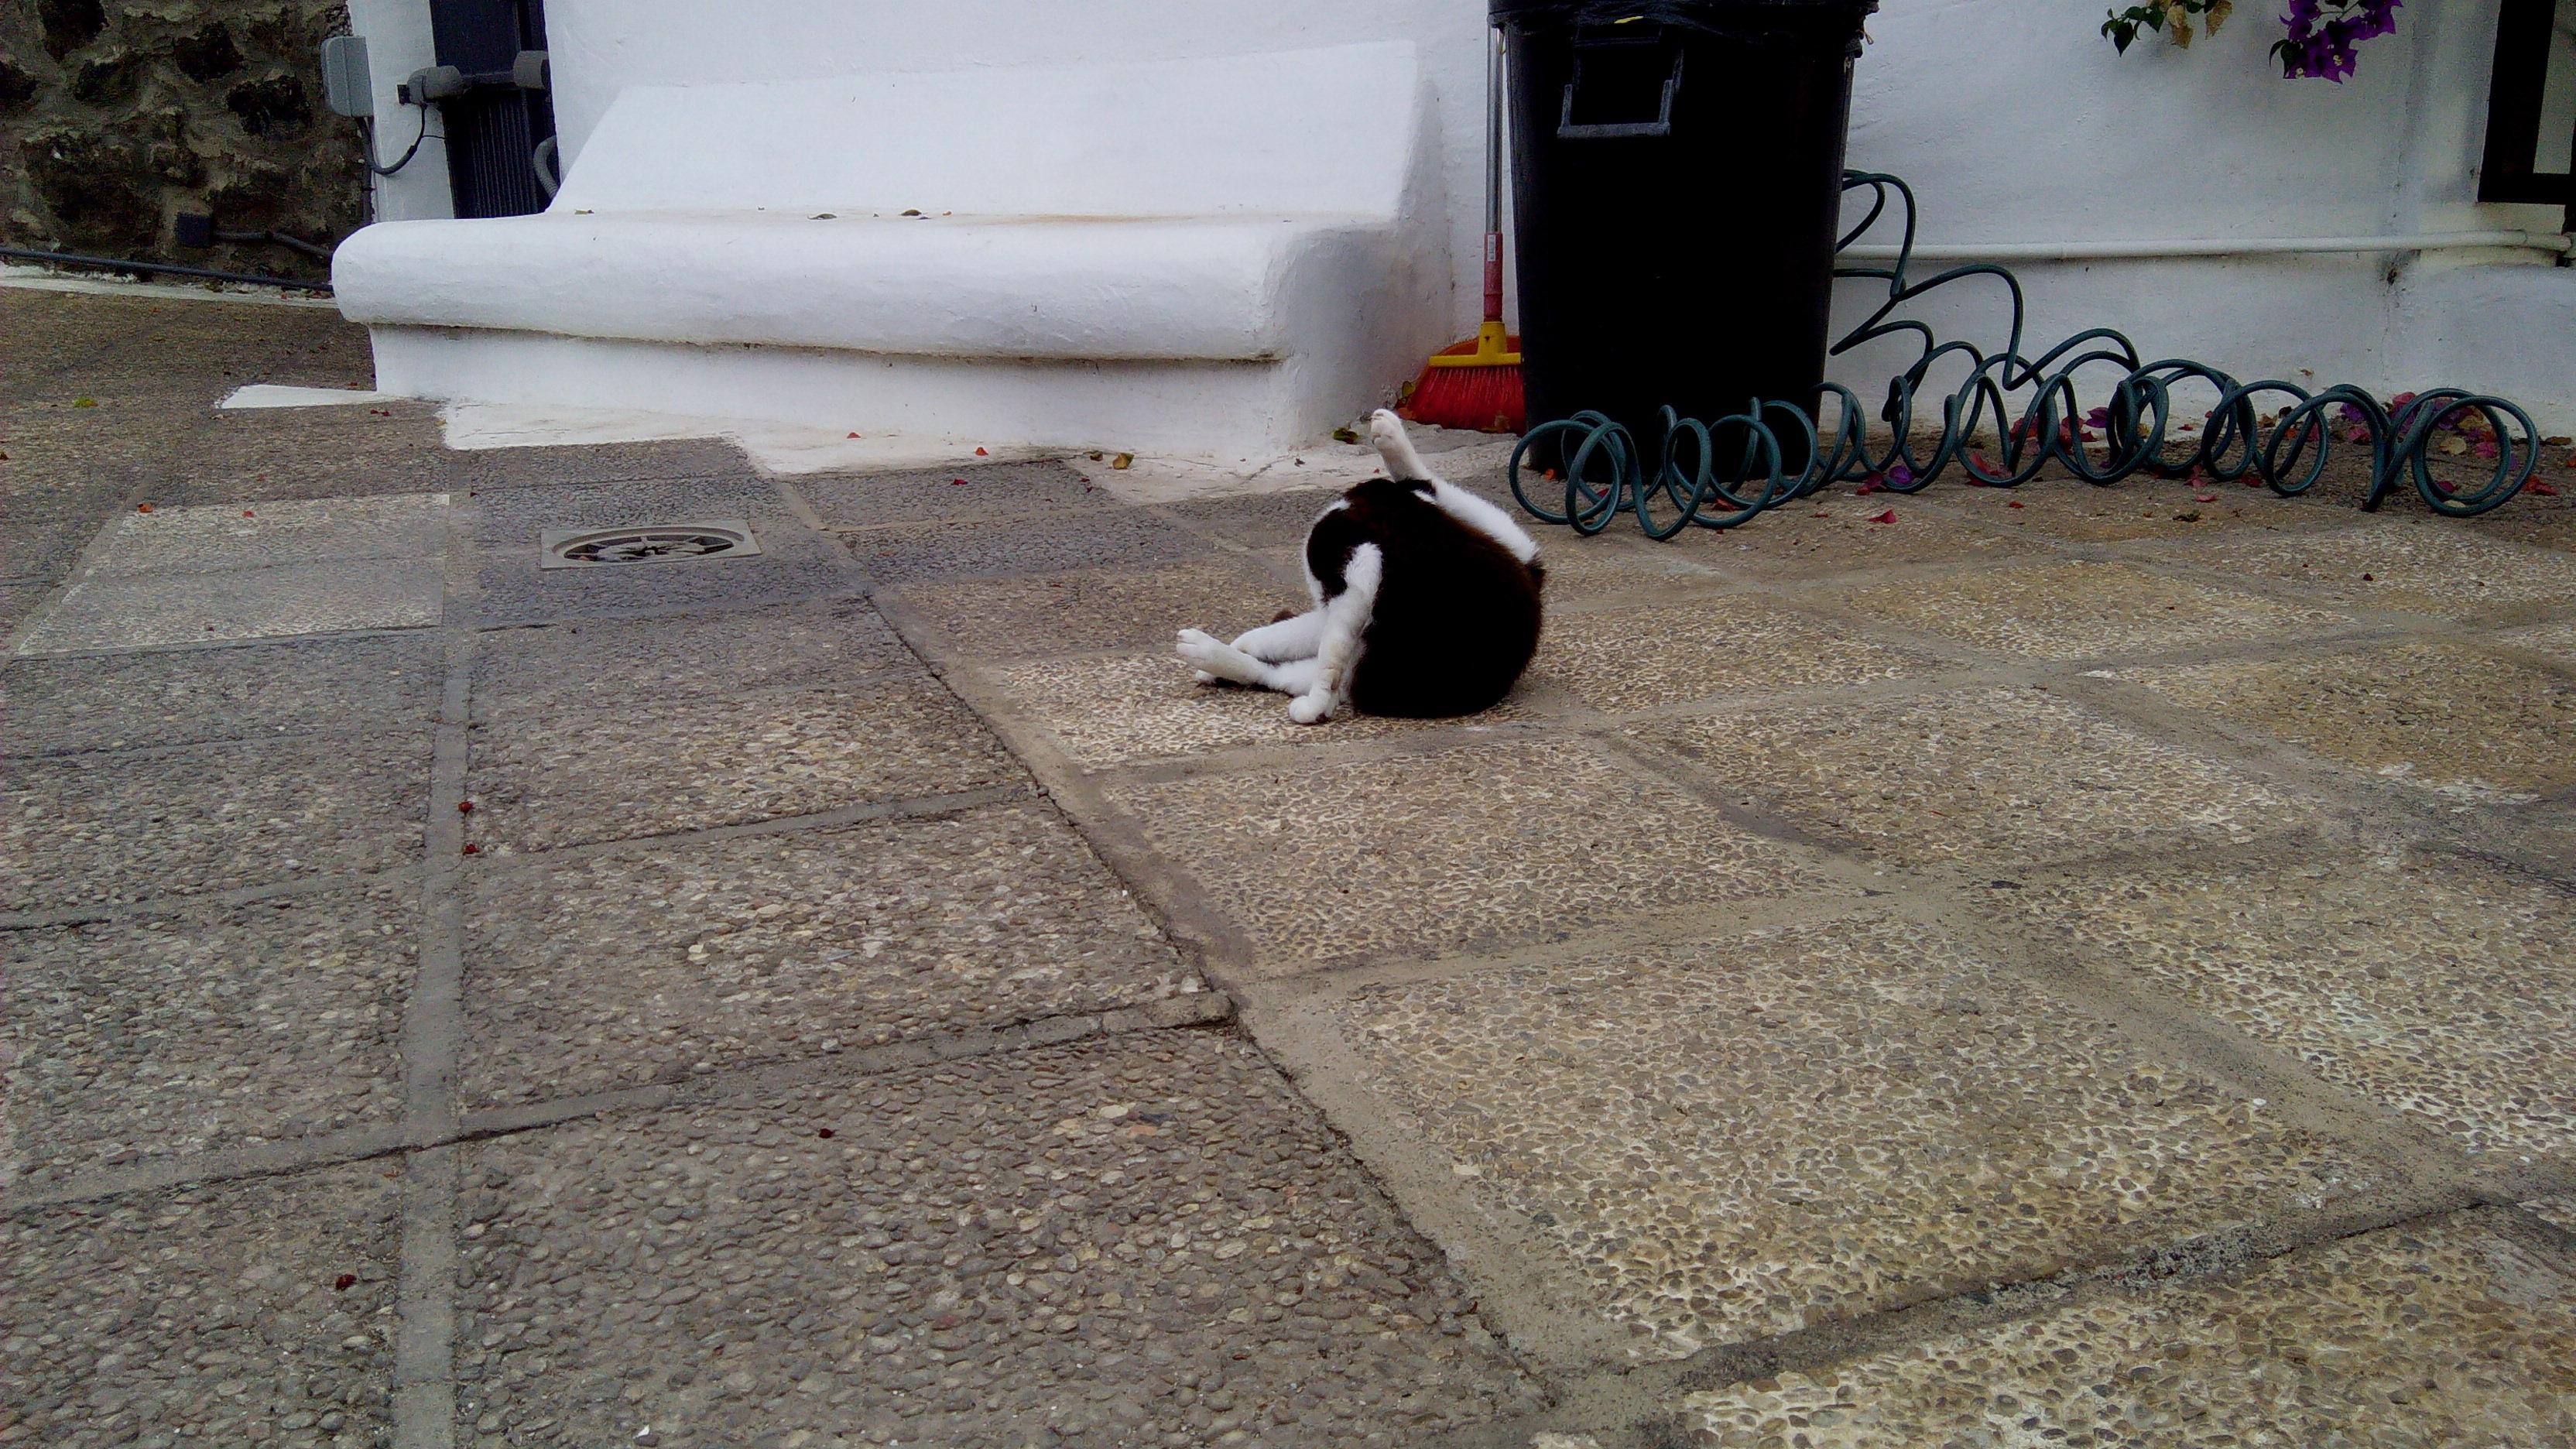 eine Nacht lang war Kitty draußen unterwegs...